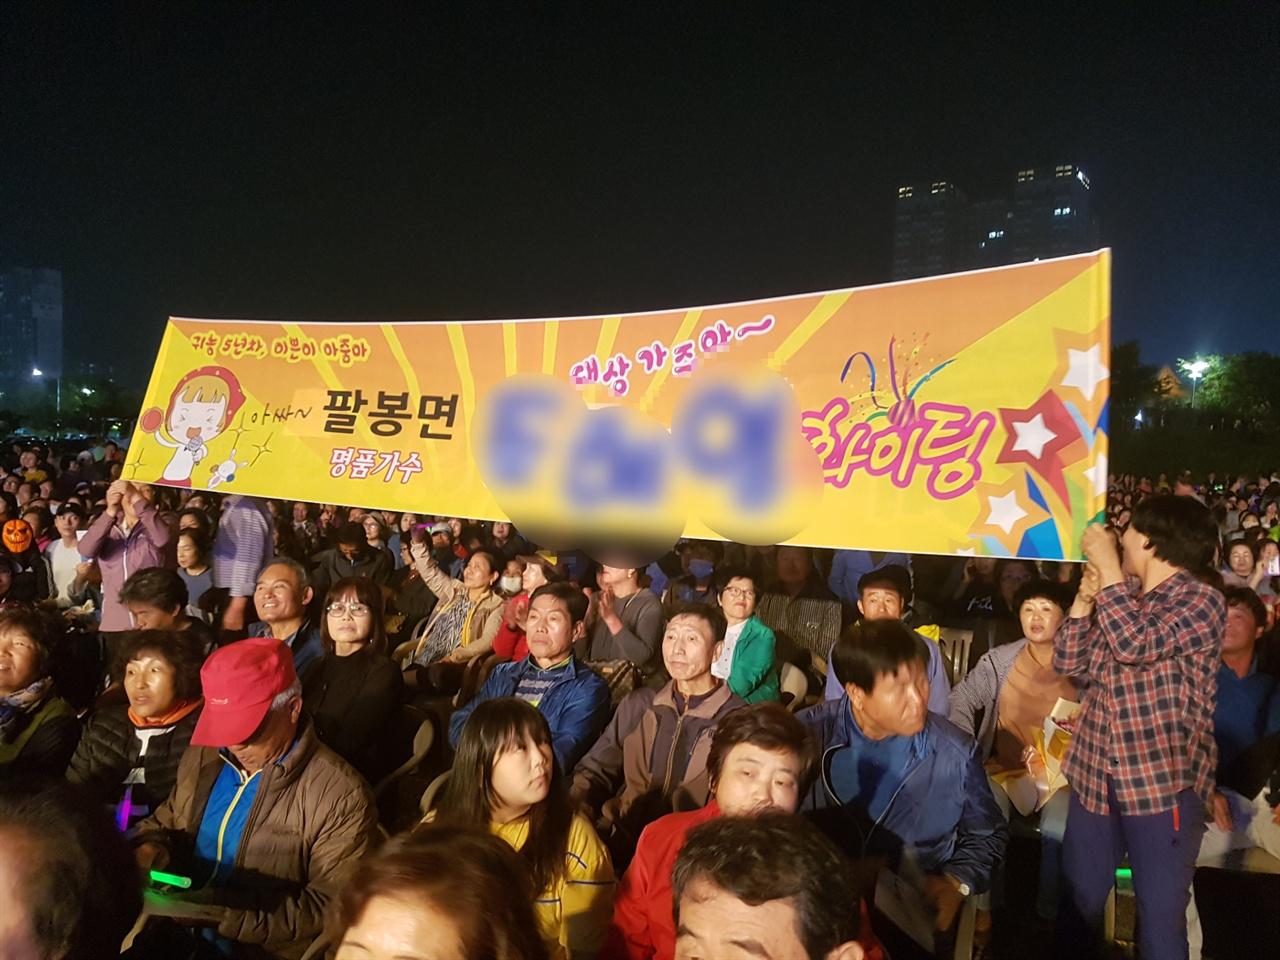 이 자리에 참석한 시민들은 자신들 지역을 대표하는 가수(?)가 무대에 오를 때마다 힘찬 박수와 함성으로 응원했다.